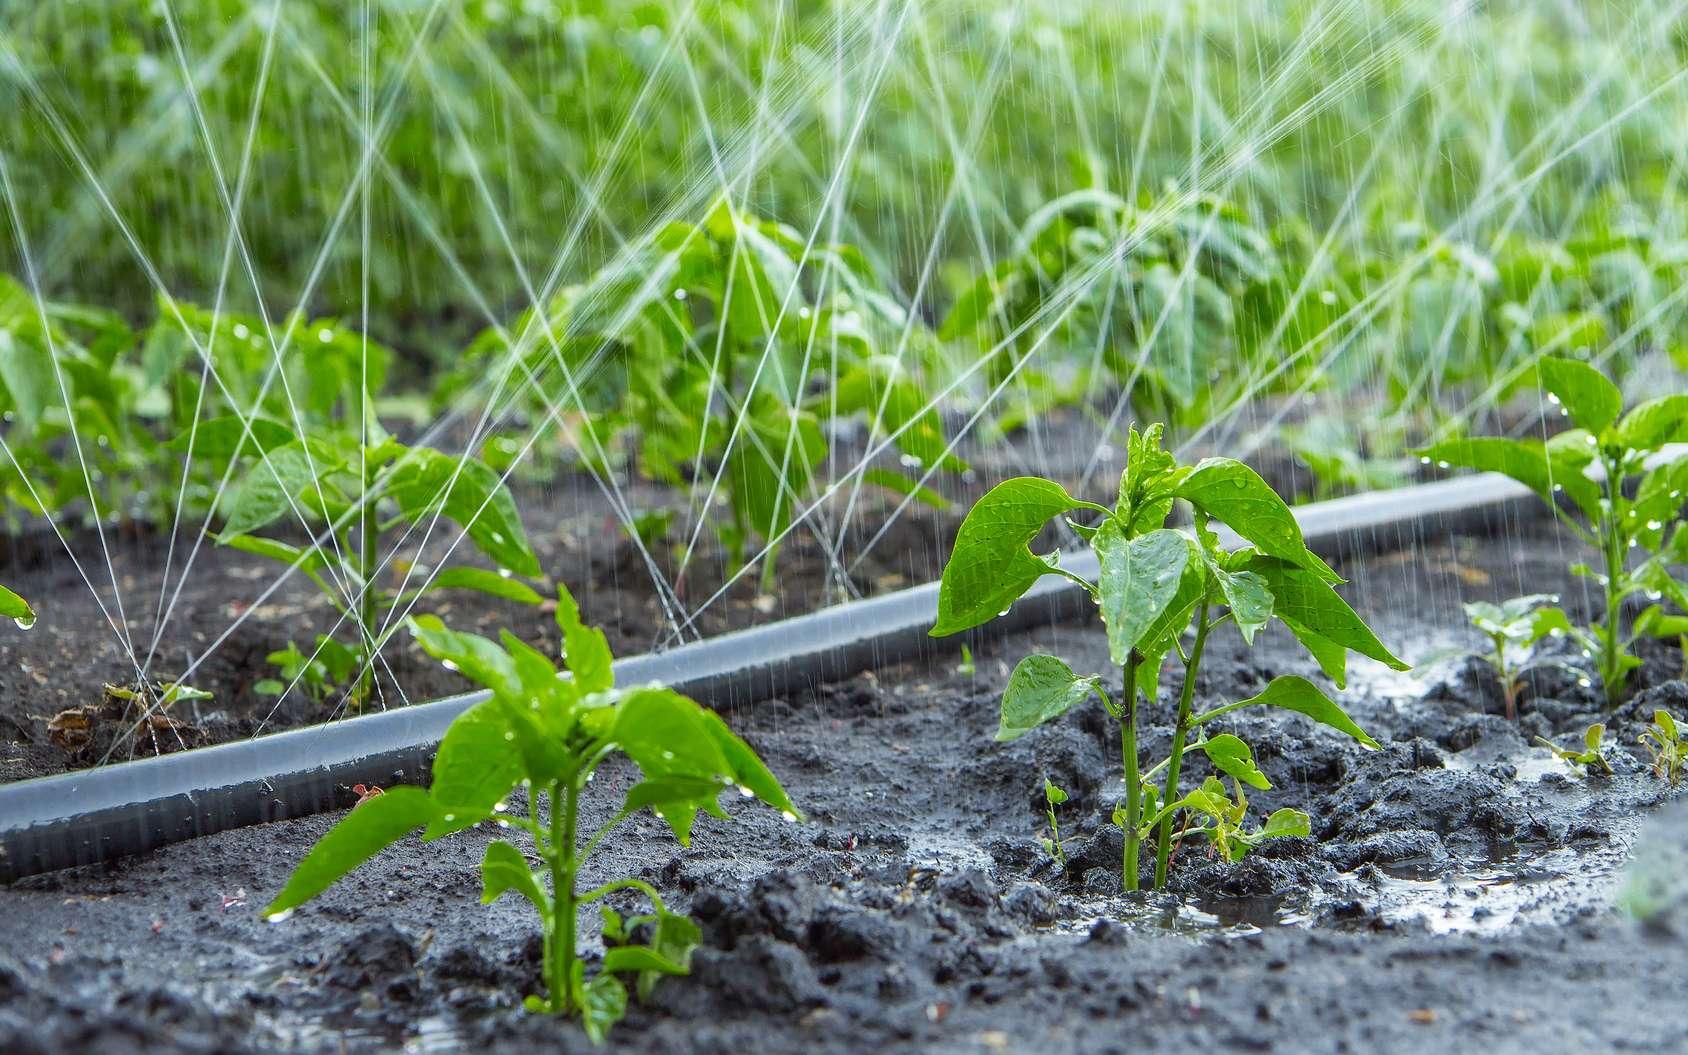 Un tuyau microporeux réduit la consommation d'eau. © Fotolia